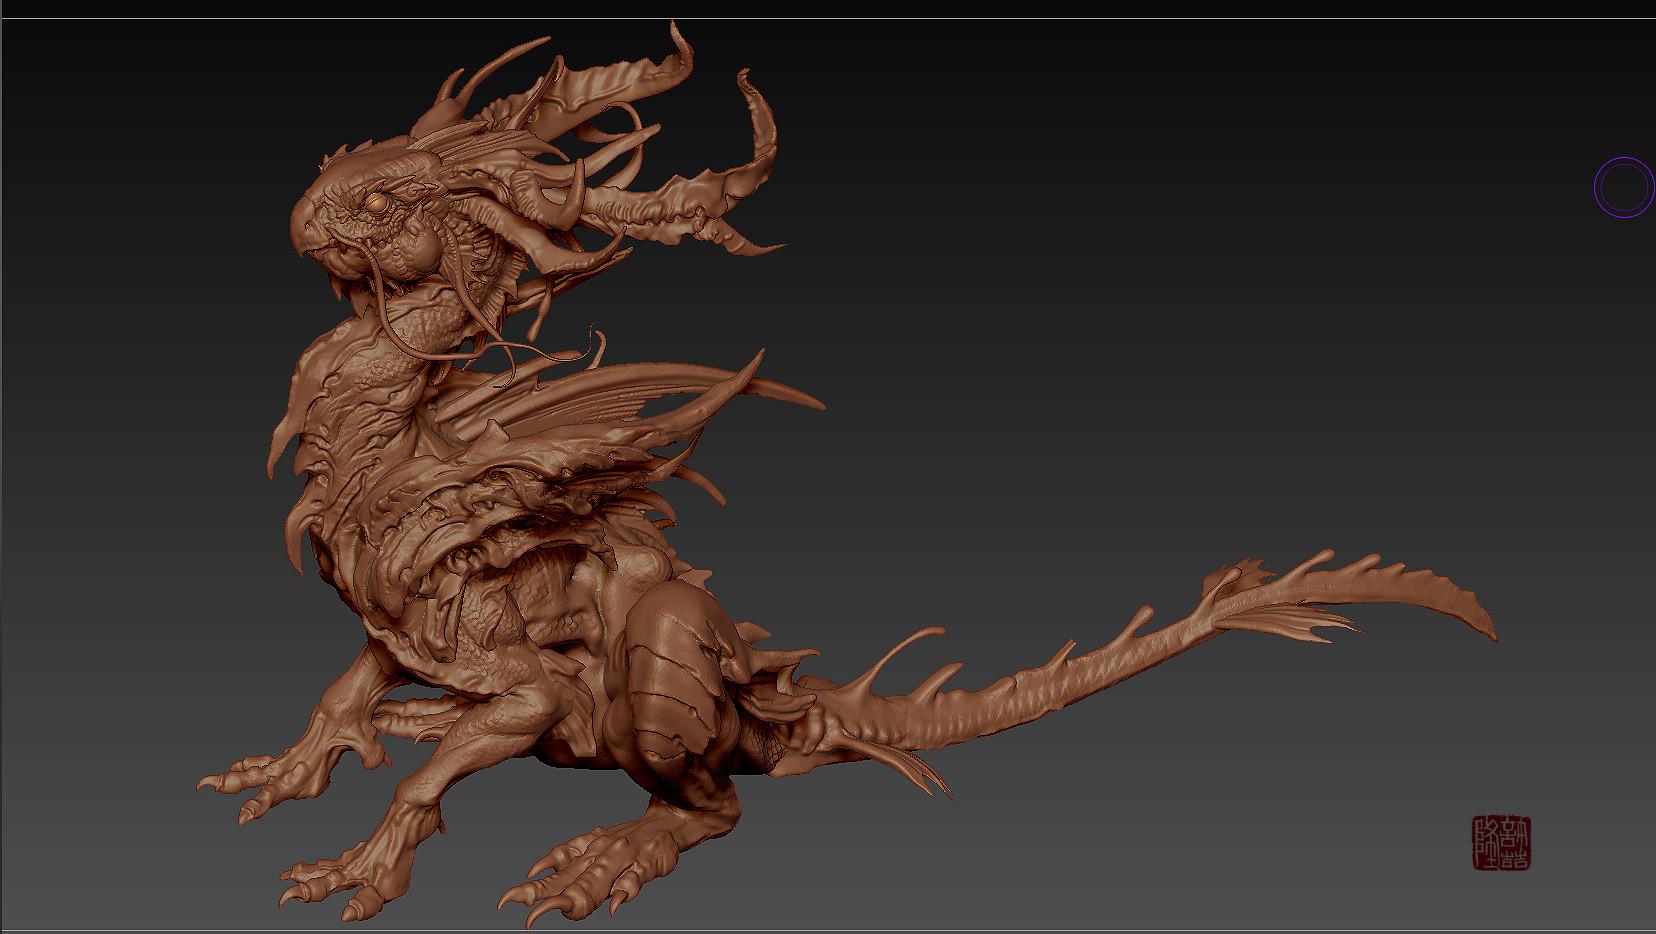 Zhelong xu wip zhelong xu the beta dragon screenshot03